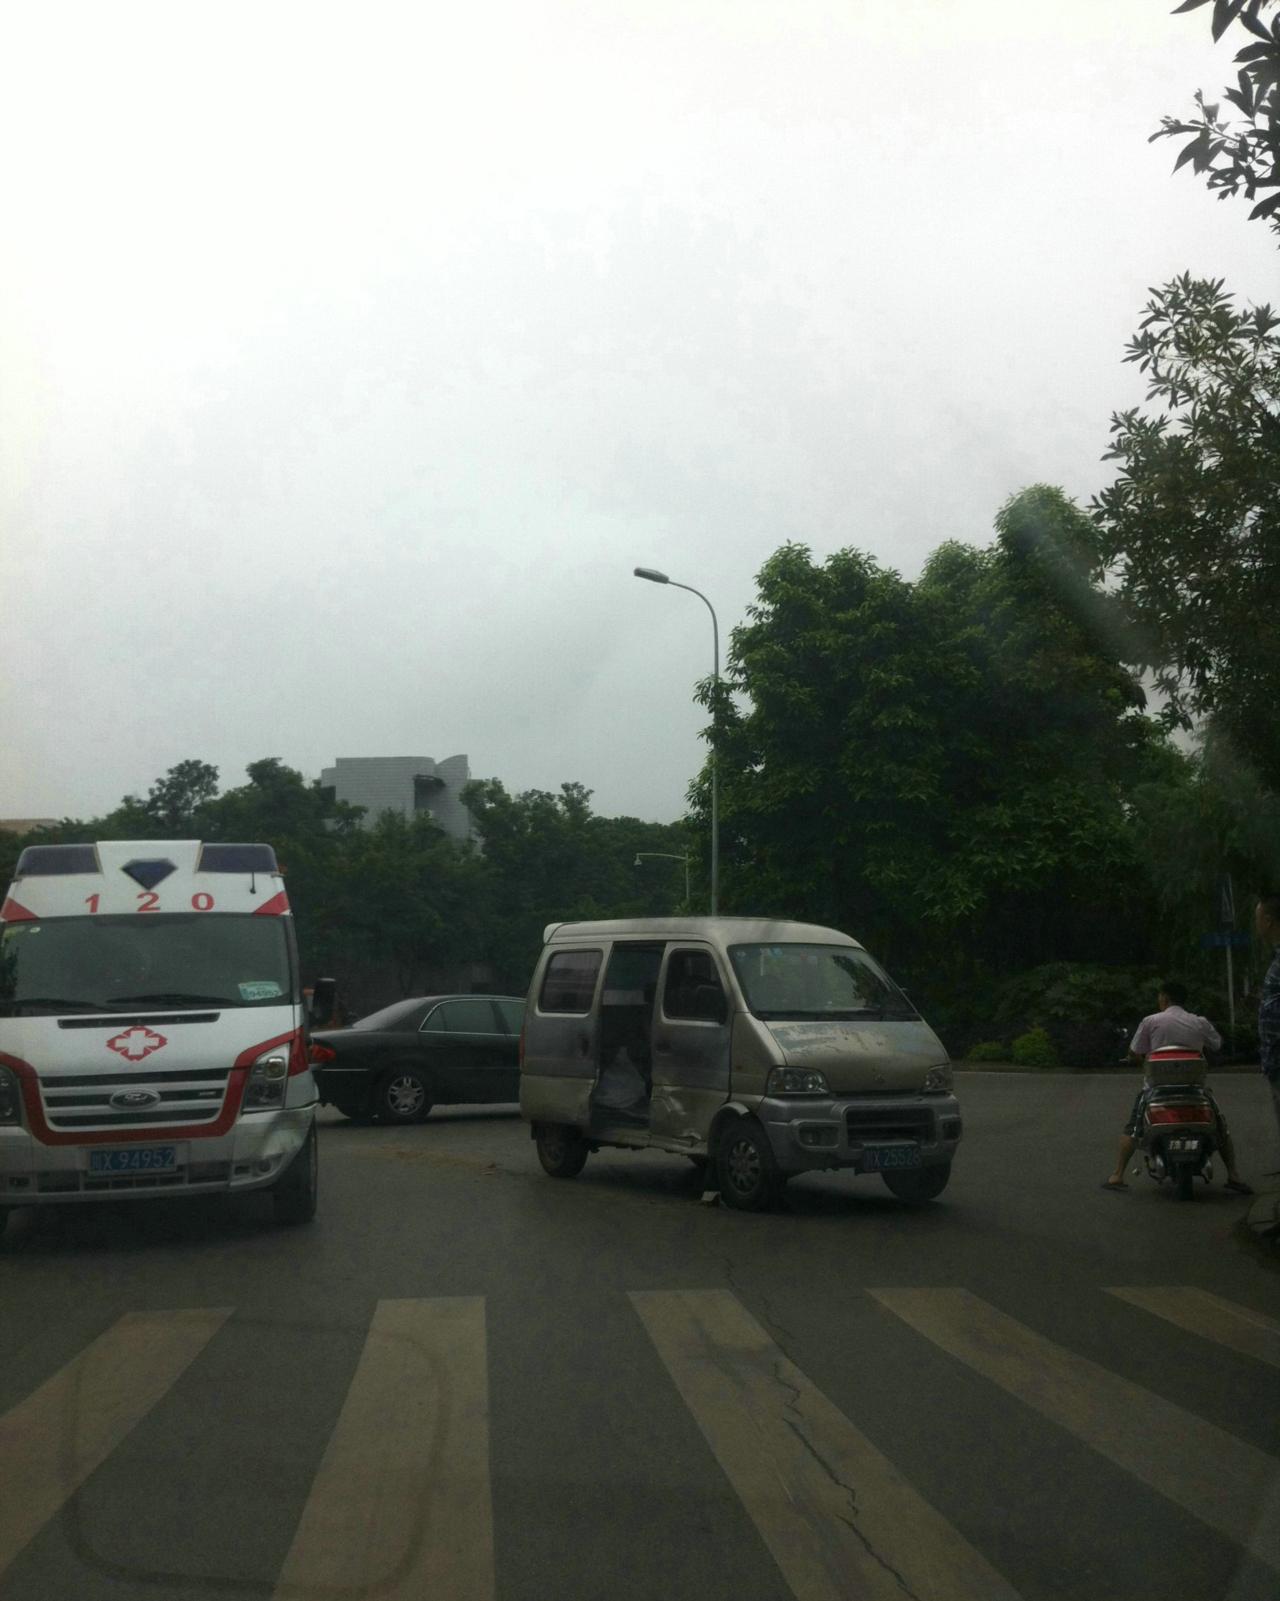 [原创]救护车也有等待救援的时候